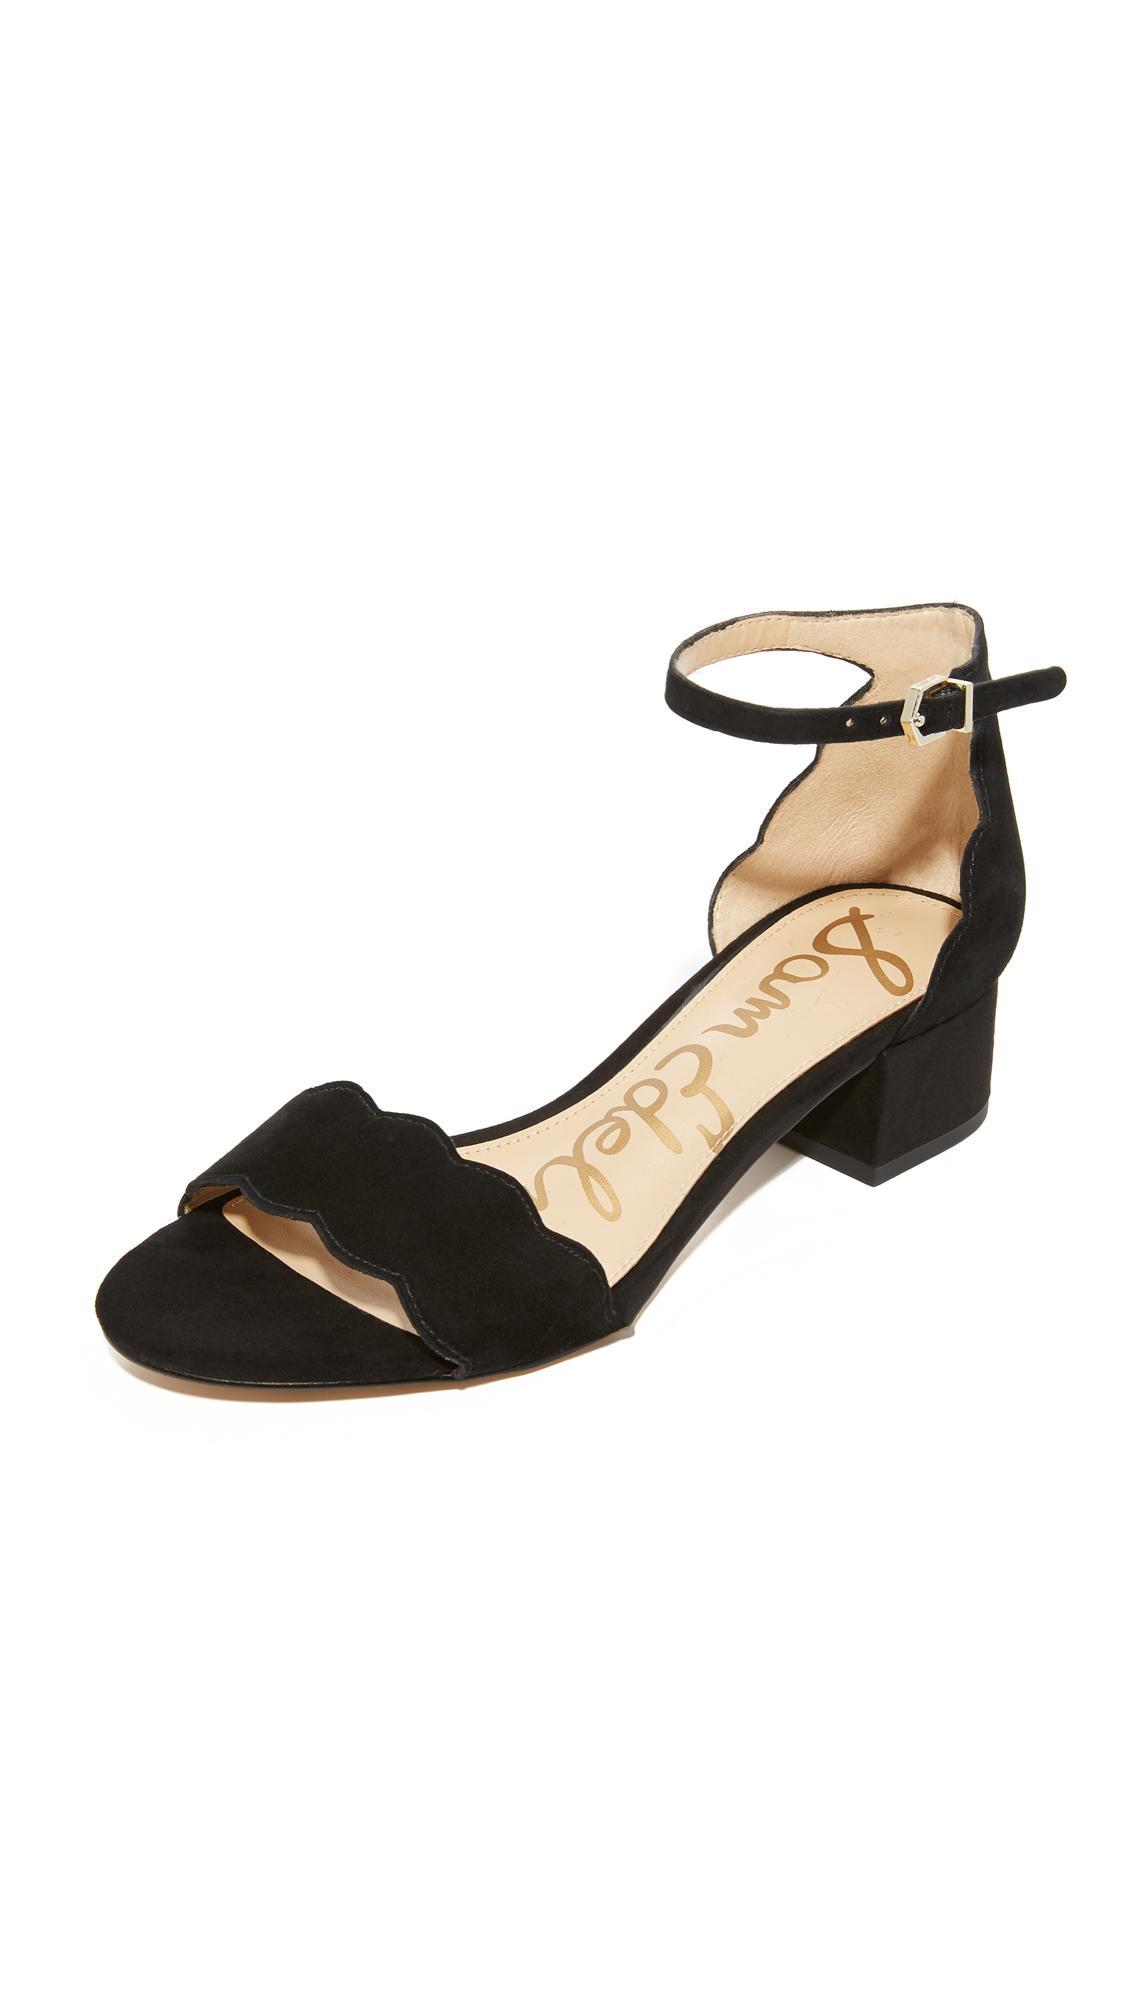 ae8300b4db79 Lyst - Sam Edelman Inara City Sandals in Black